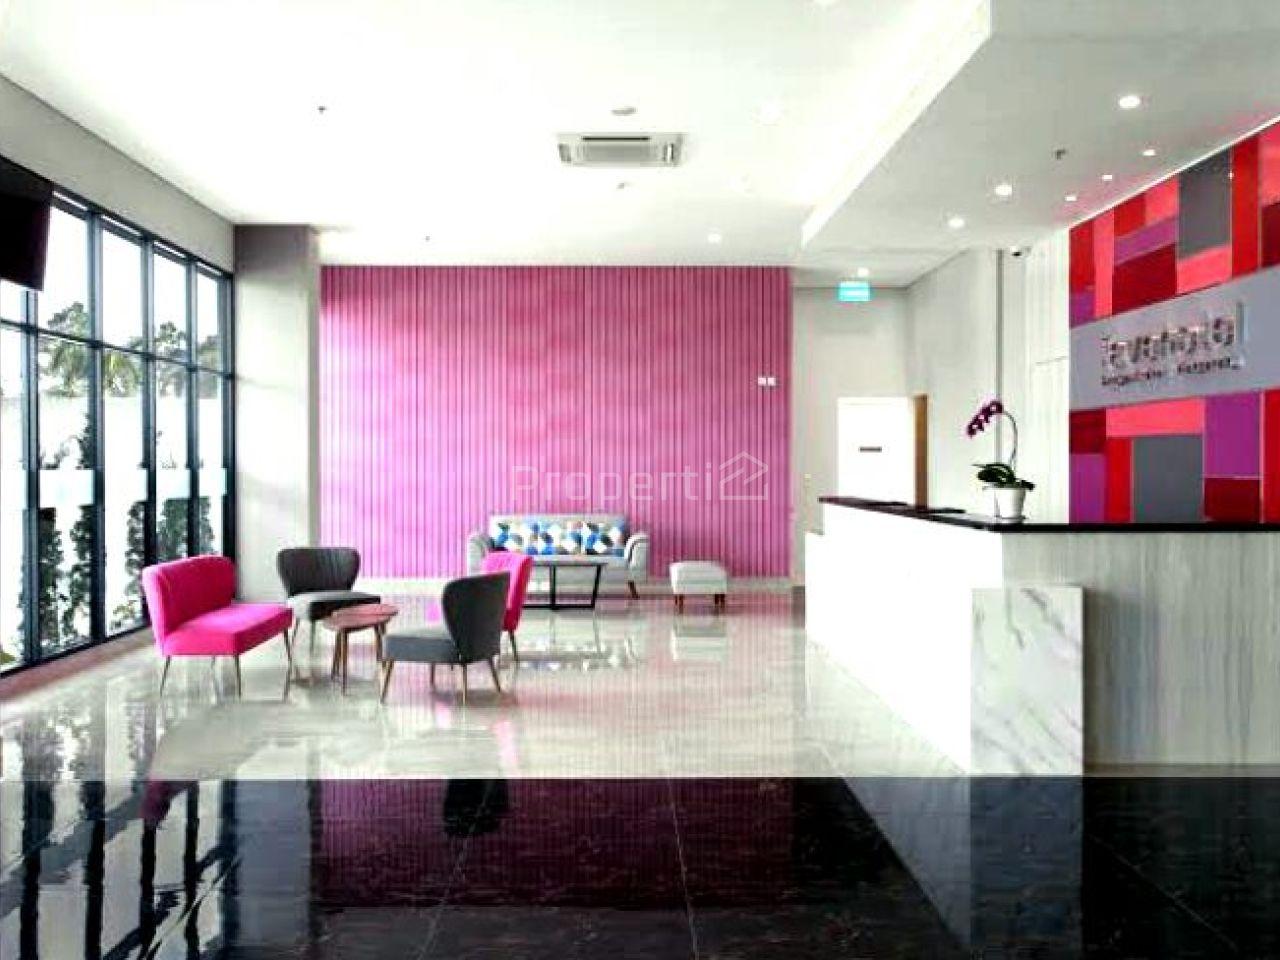 Hotel Baru di Pusat Kota Tangerang, Kota Tangerang